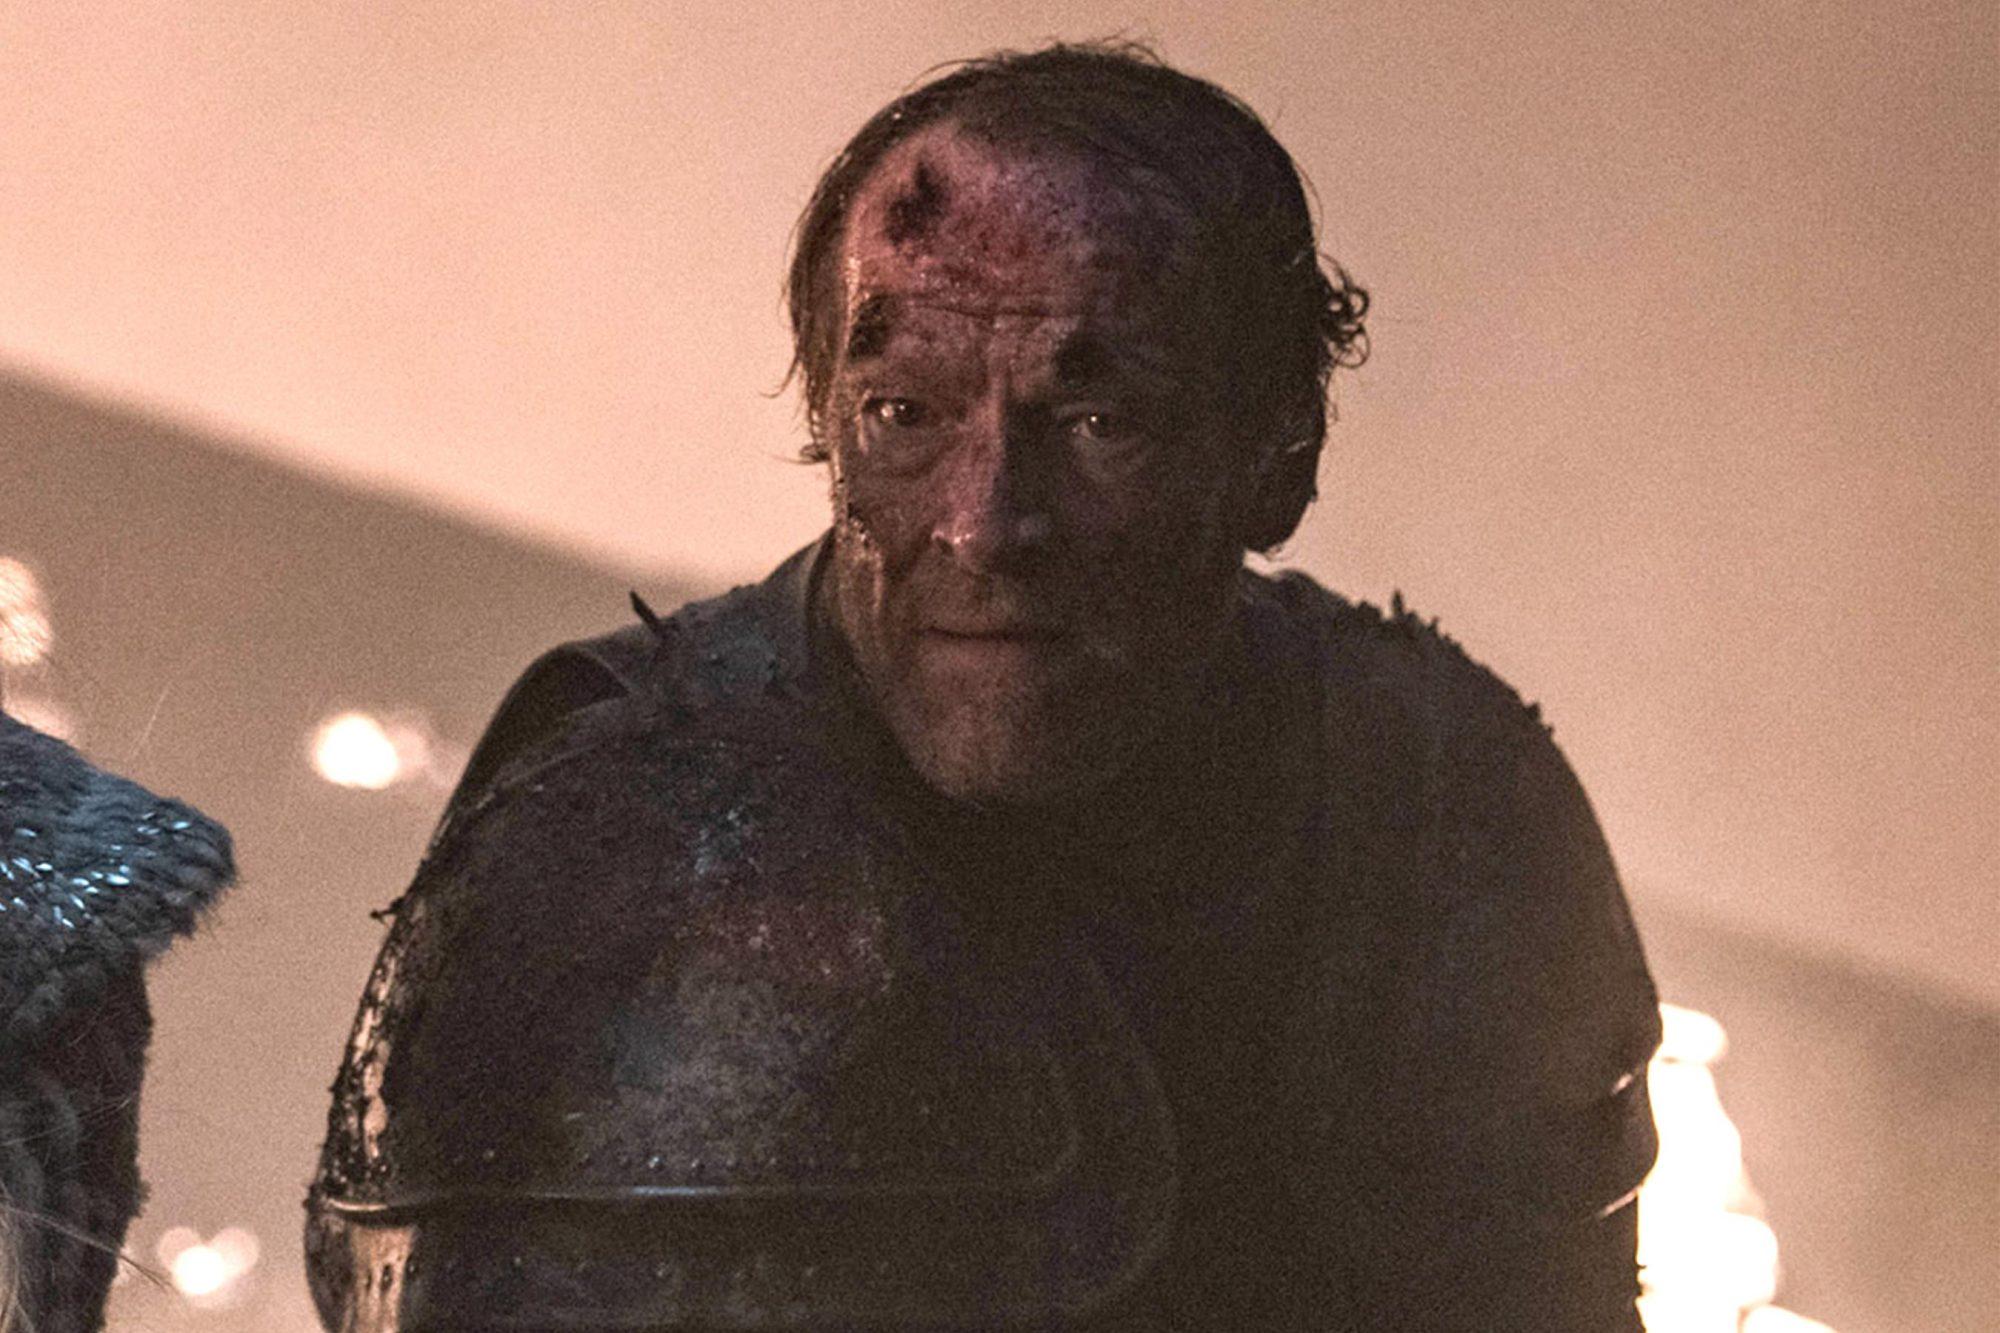 Game of Thrones Season 8, Episode 3 Iain Glen as Ser Jorah CR: Helen Sloan/HBO